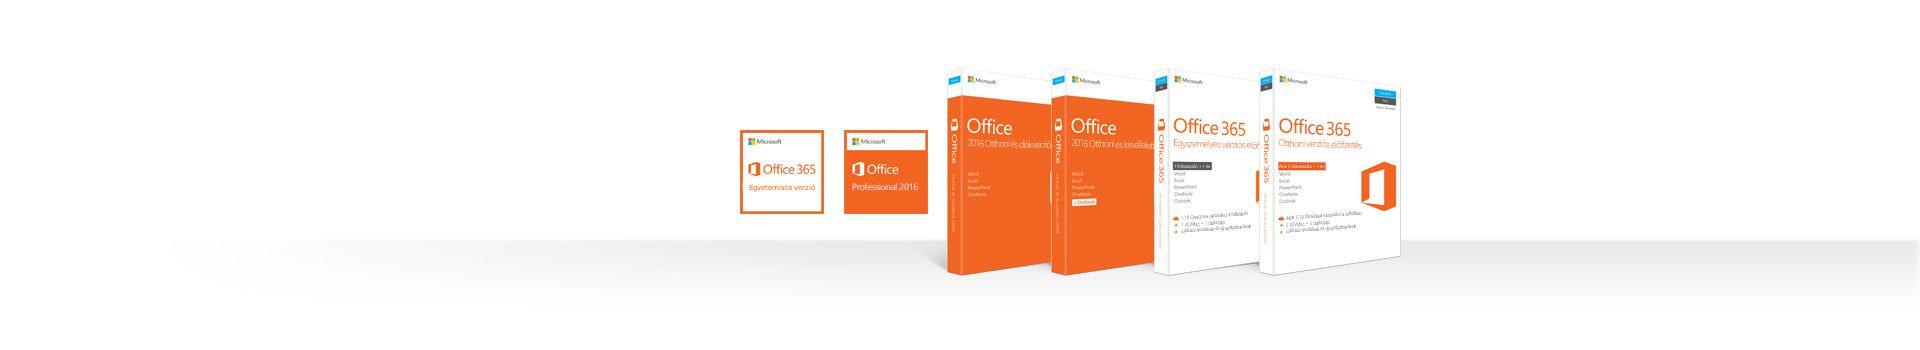 PC-hez készült Office 2016-os és Office 365-ös termékek doboza